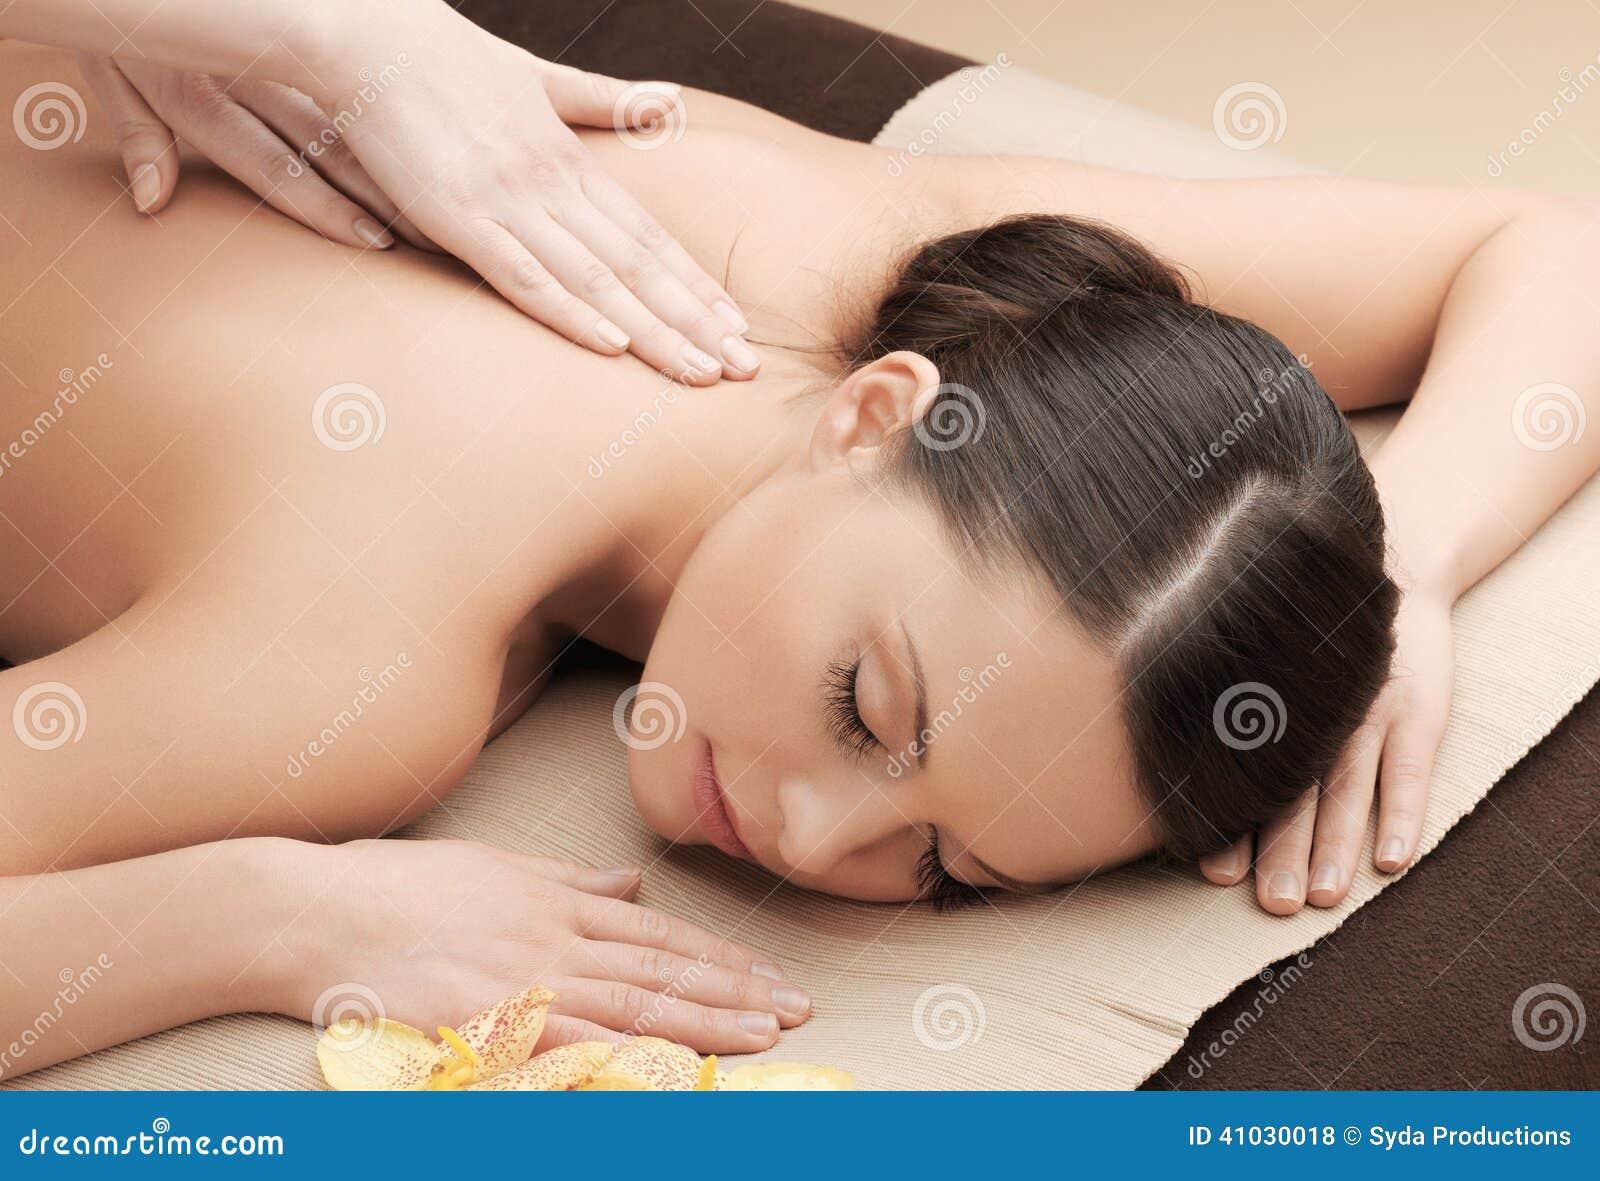 Asian Woman Spa Salon 42